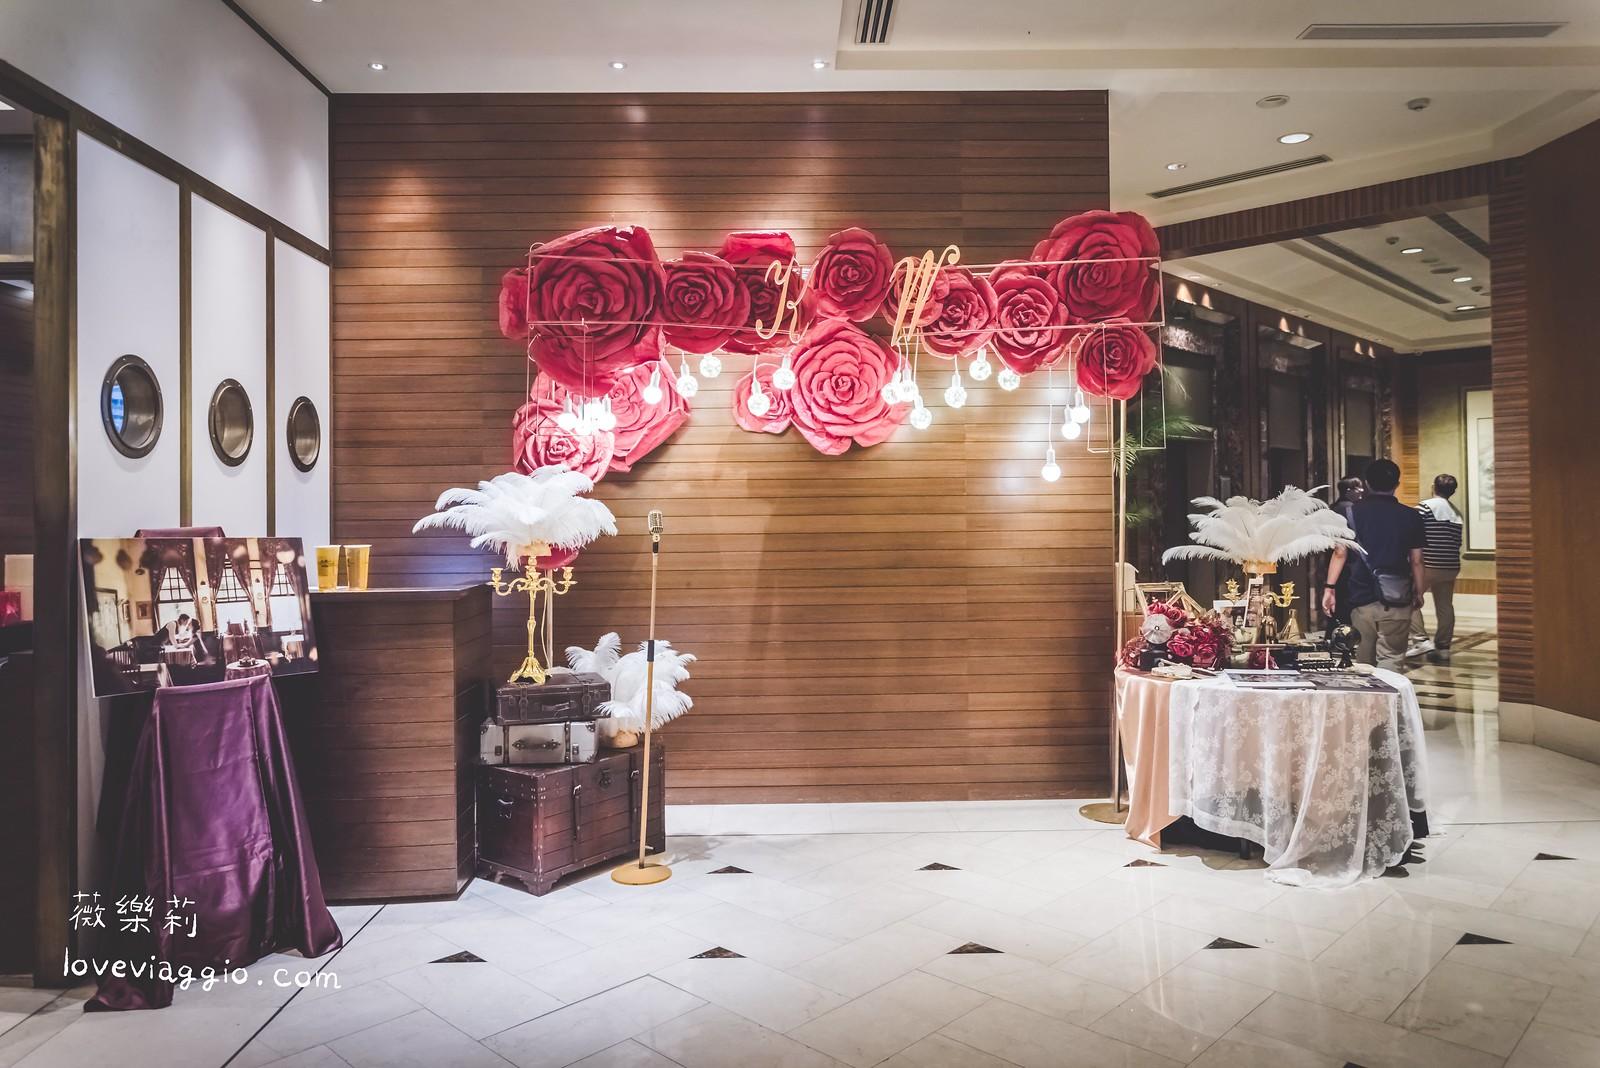 Wedding|高雄國賓戶外池畔婚禮♡中西式復古風格晚宴 @薇樂莉 Love Viaggio | 旅行.生活.攝影